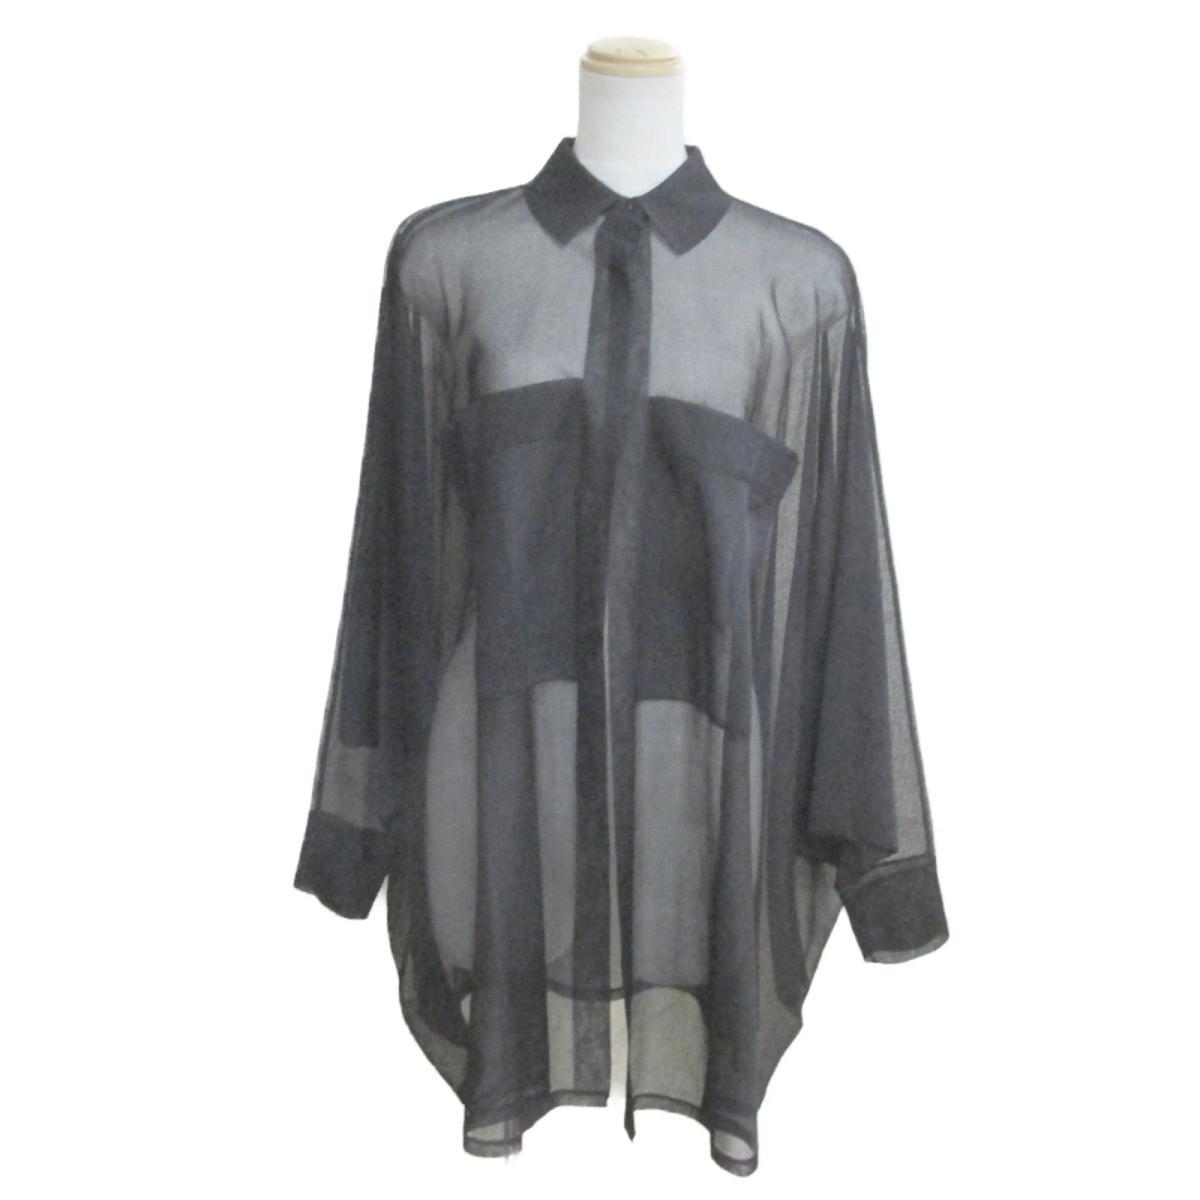 【中古】 アライア ガウン ジャケット レディース シルク100% ブラック | ALAIA BRANDOFF ブランドオフ 衣料品 衣類 ブランド トップス シャツ ブラウス